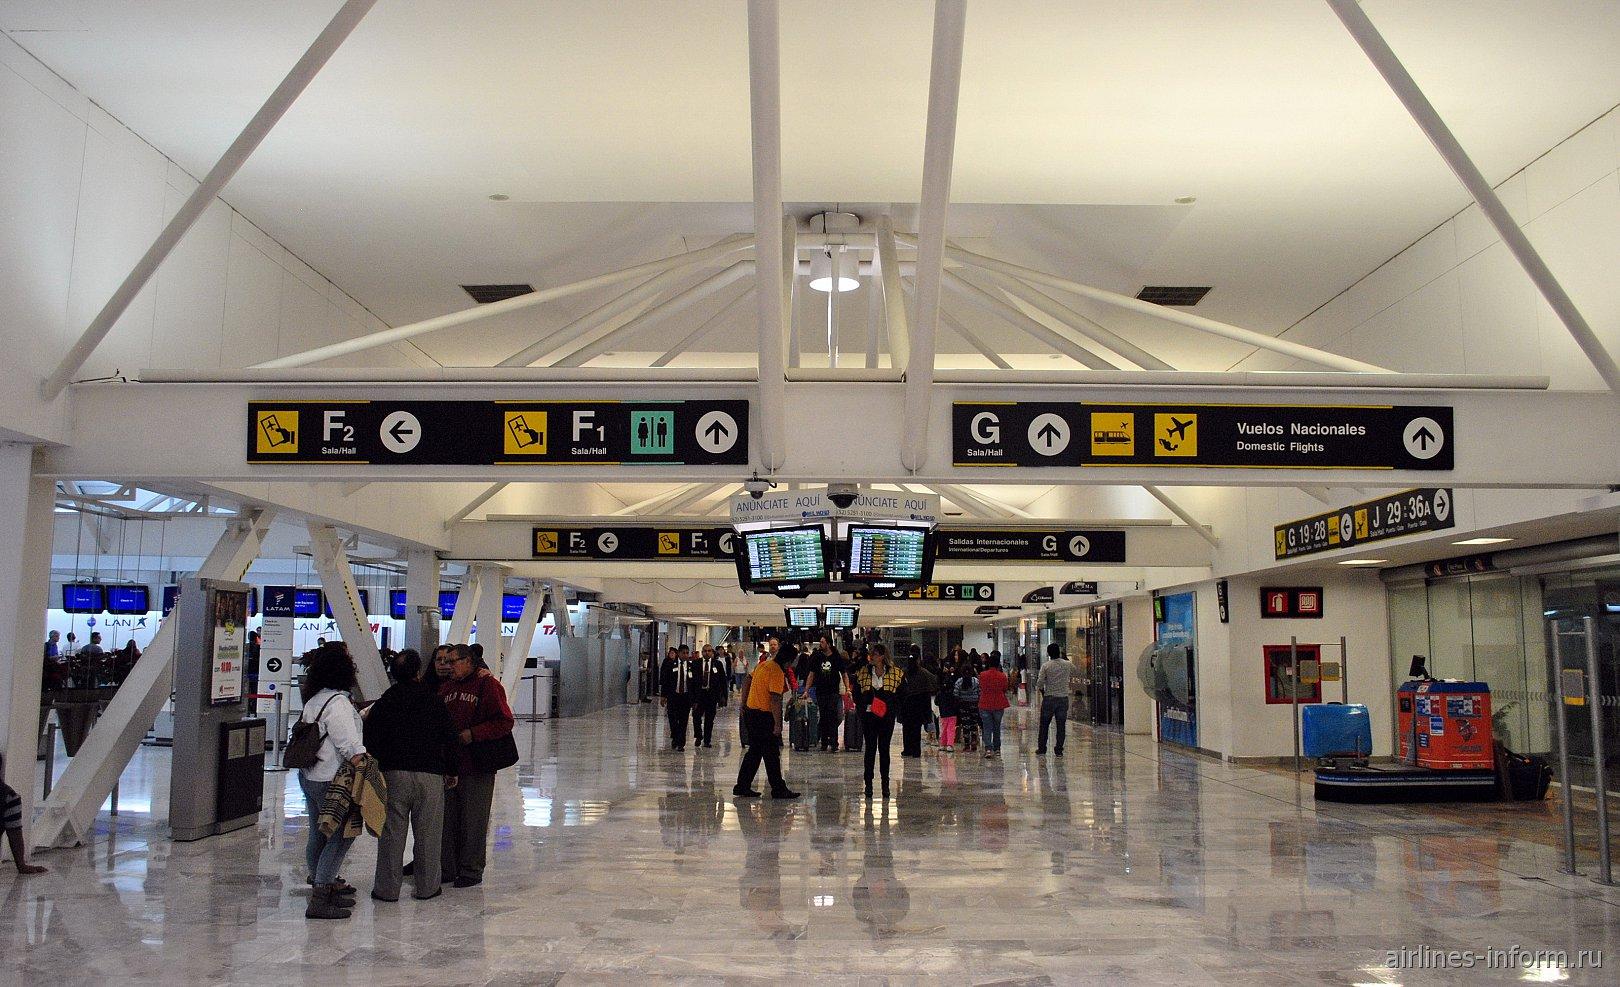 Сектор F в зоне регистрации в терминале Т1 аэропорта Мехико Бенито Хуарес